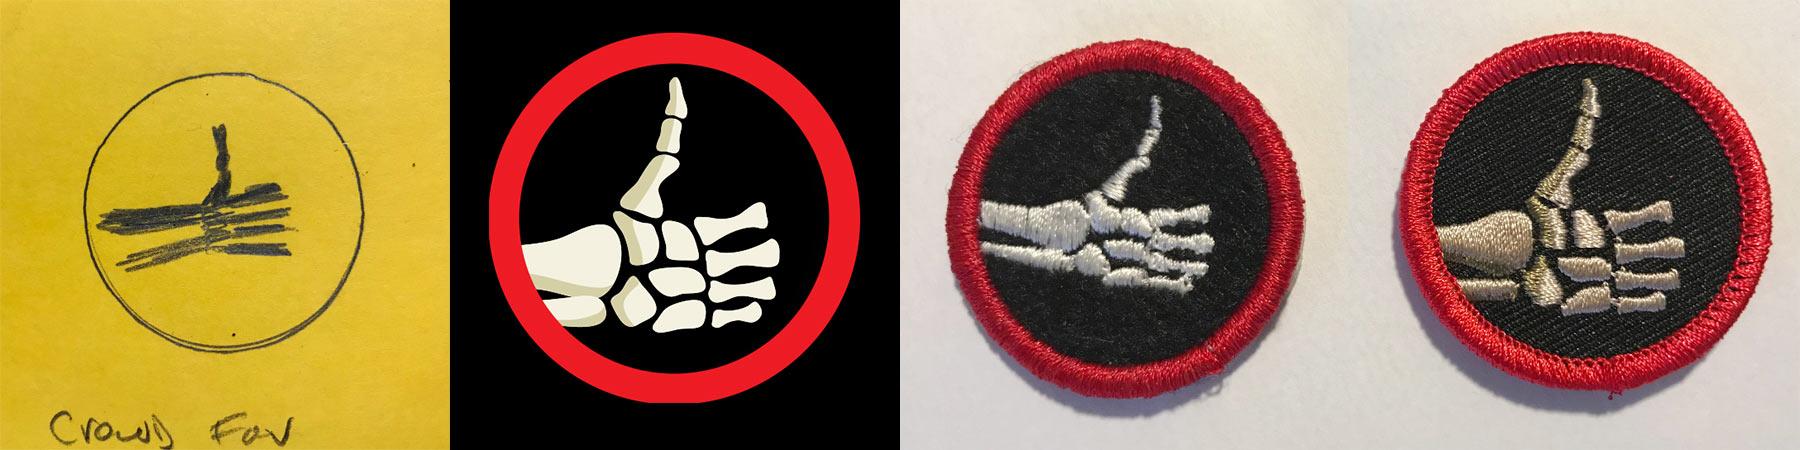 Evolution of a Badge